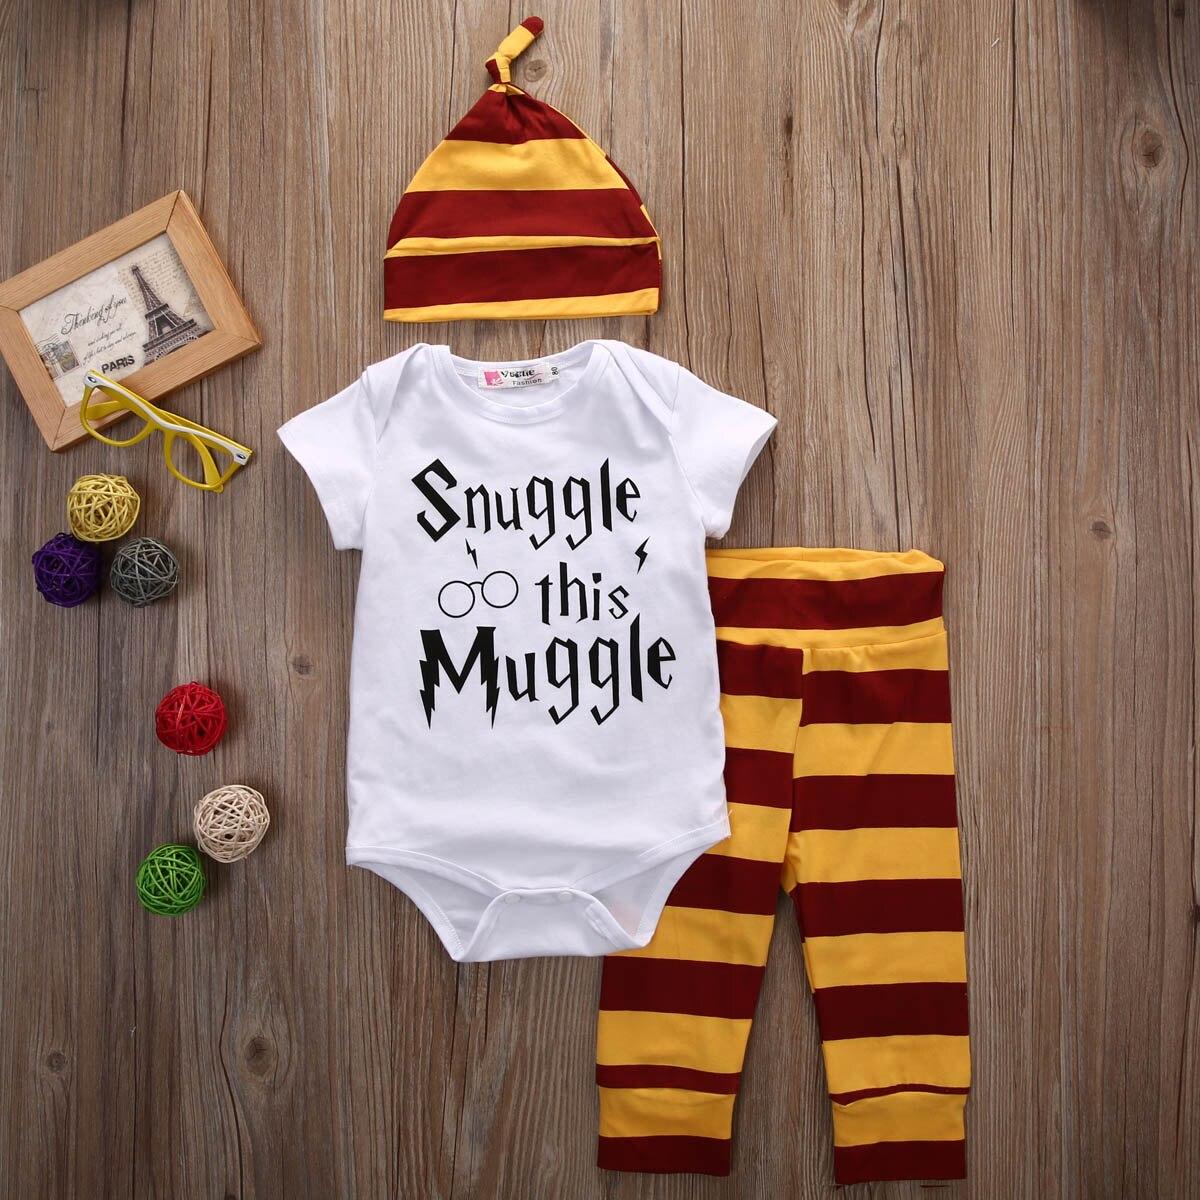 3 STÜCKE Baby Eingestellt Neugeborenen Jungen Mädchen Brief Muggel-meter Body/T-shirt + Streifenhosen + Hut Outfits kleidung 0-18 Mt Super Nette